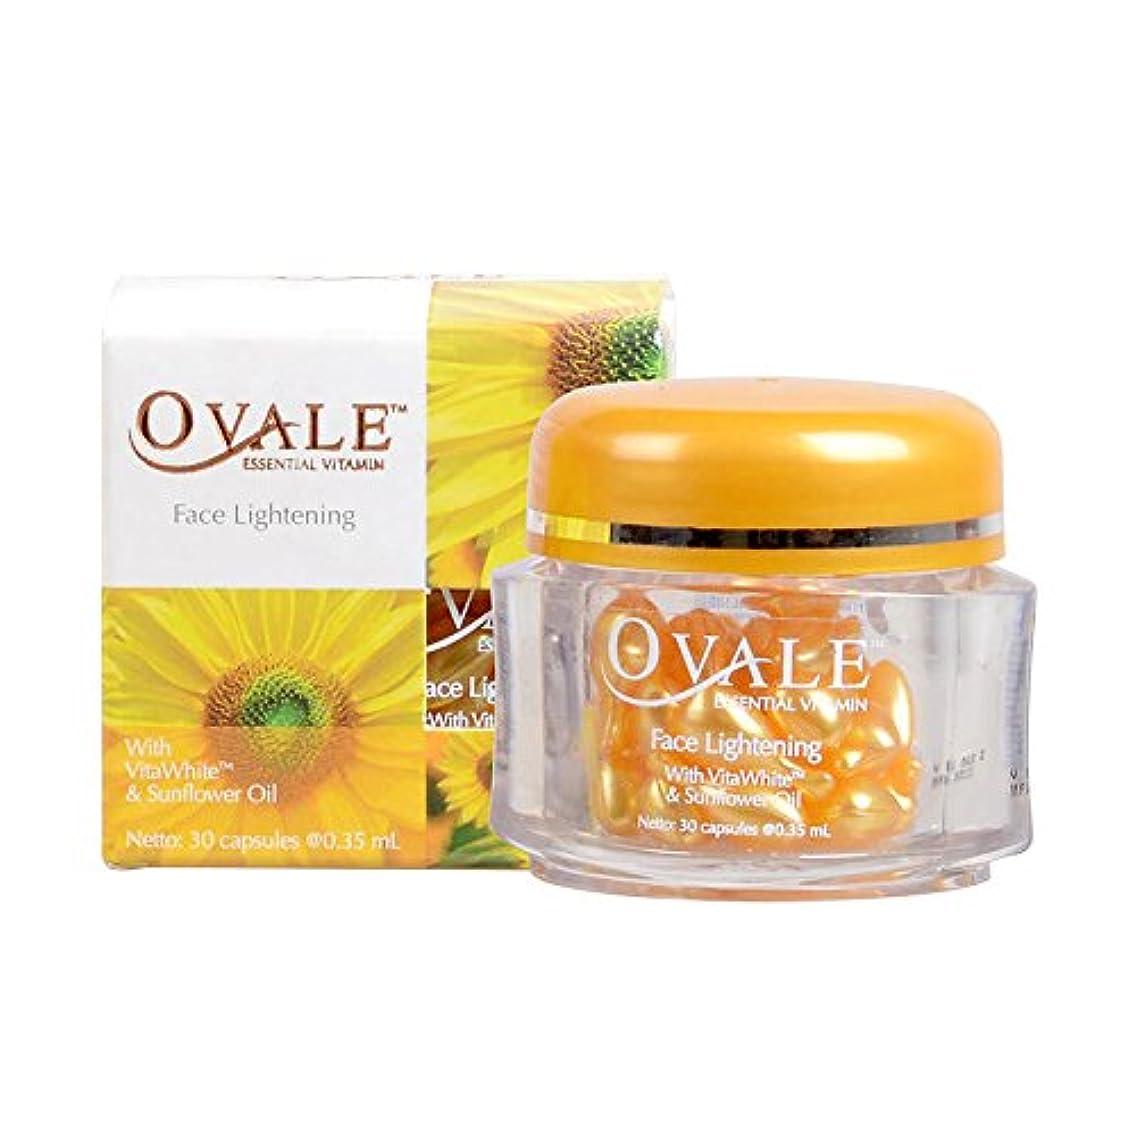 予感対話生き返らせるOvale オーバル フェイスビタミン essential vitamin 30粒入ボトル サンフラワー バリ島 bali [海外直送品]